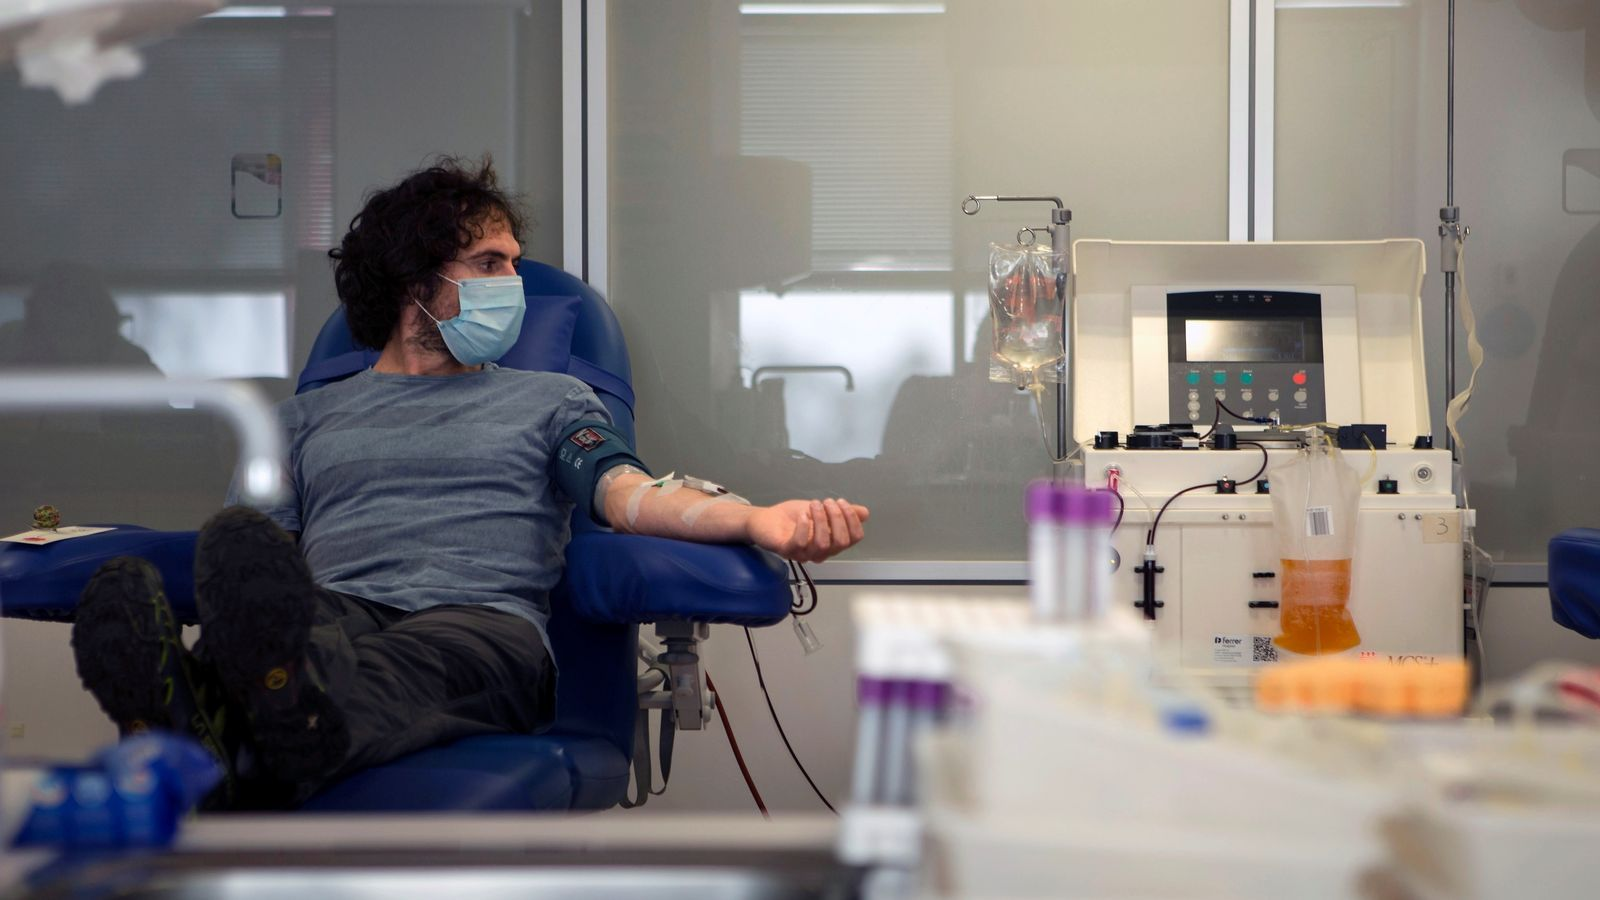 Un pacient recuperat de covid-19 se sotmet a una extracció de plasma convalescent a l'hospital Vall d'Hebron per a l'estudi de Grífols.